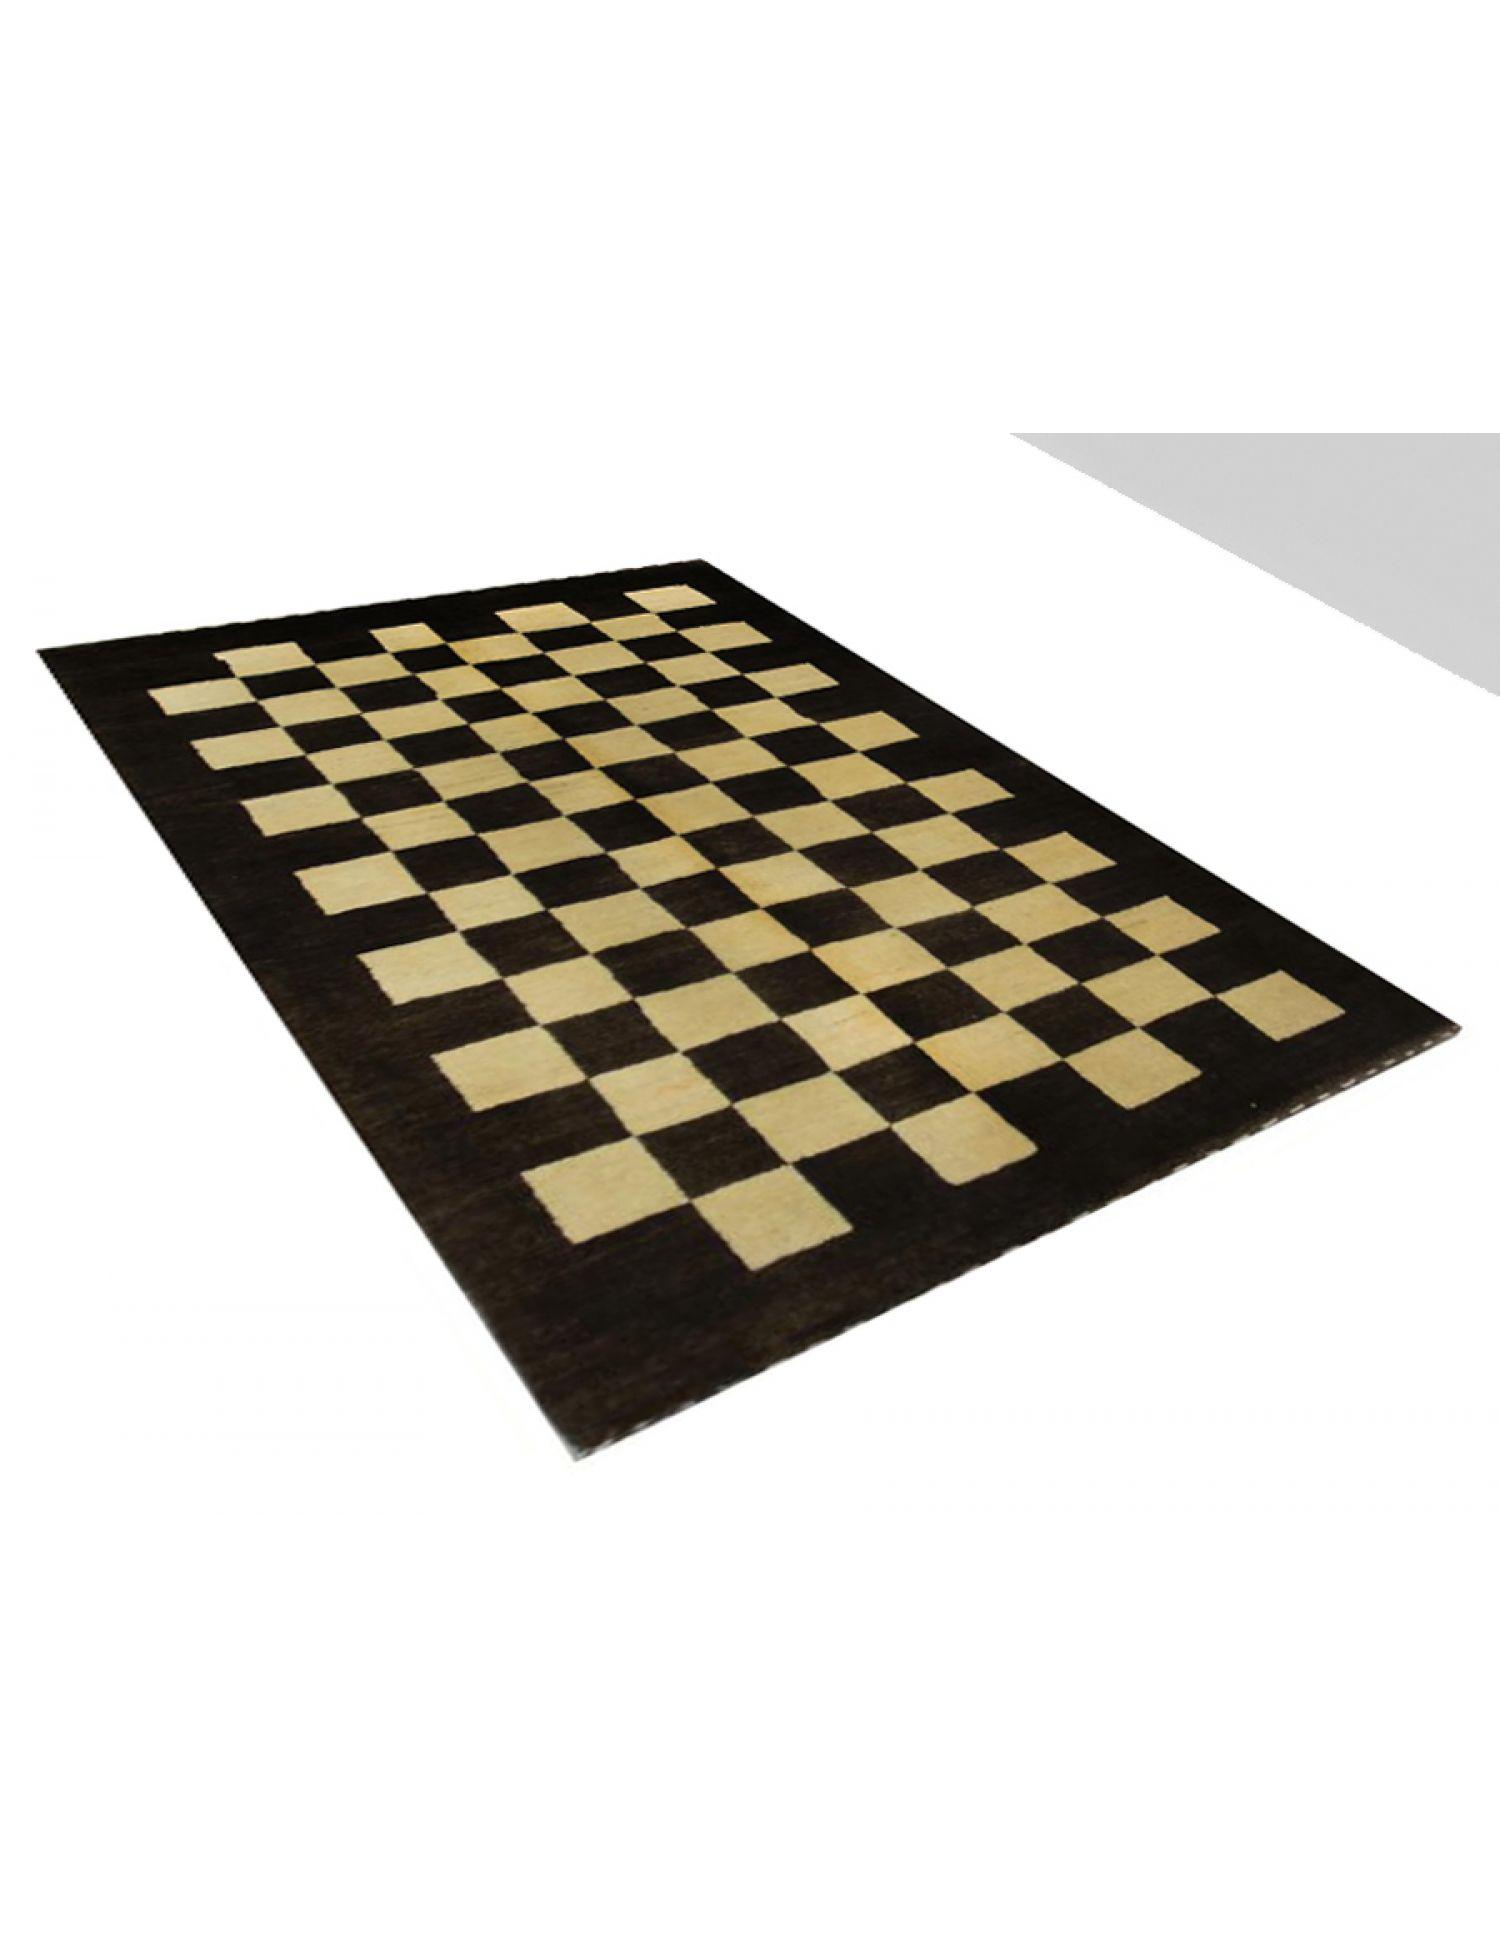 Moderne Teppiche   <br/>157 x 108 cm